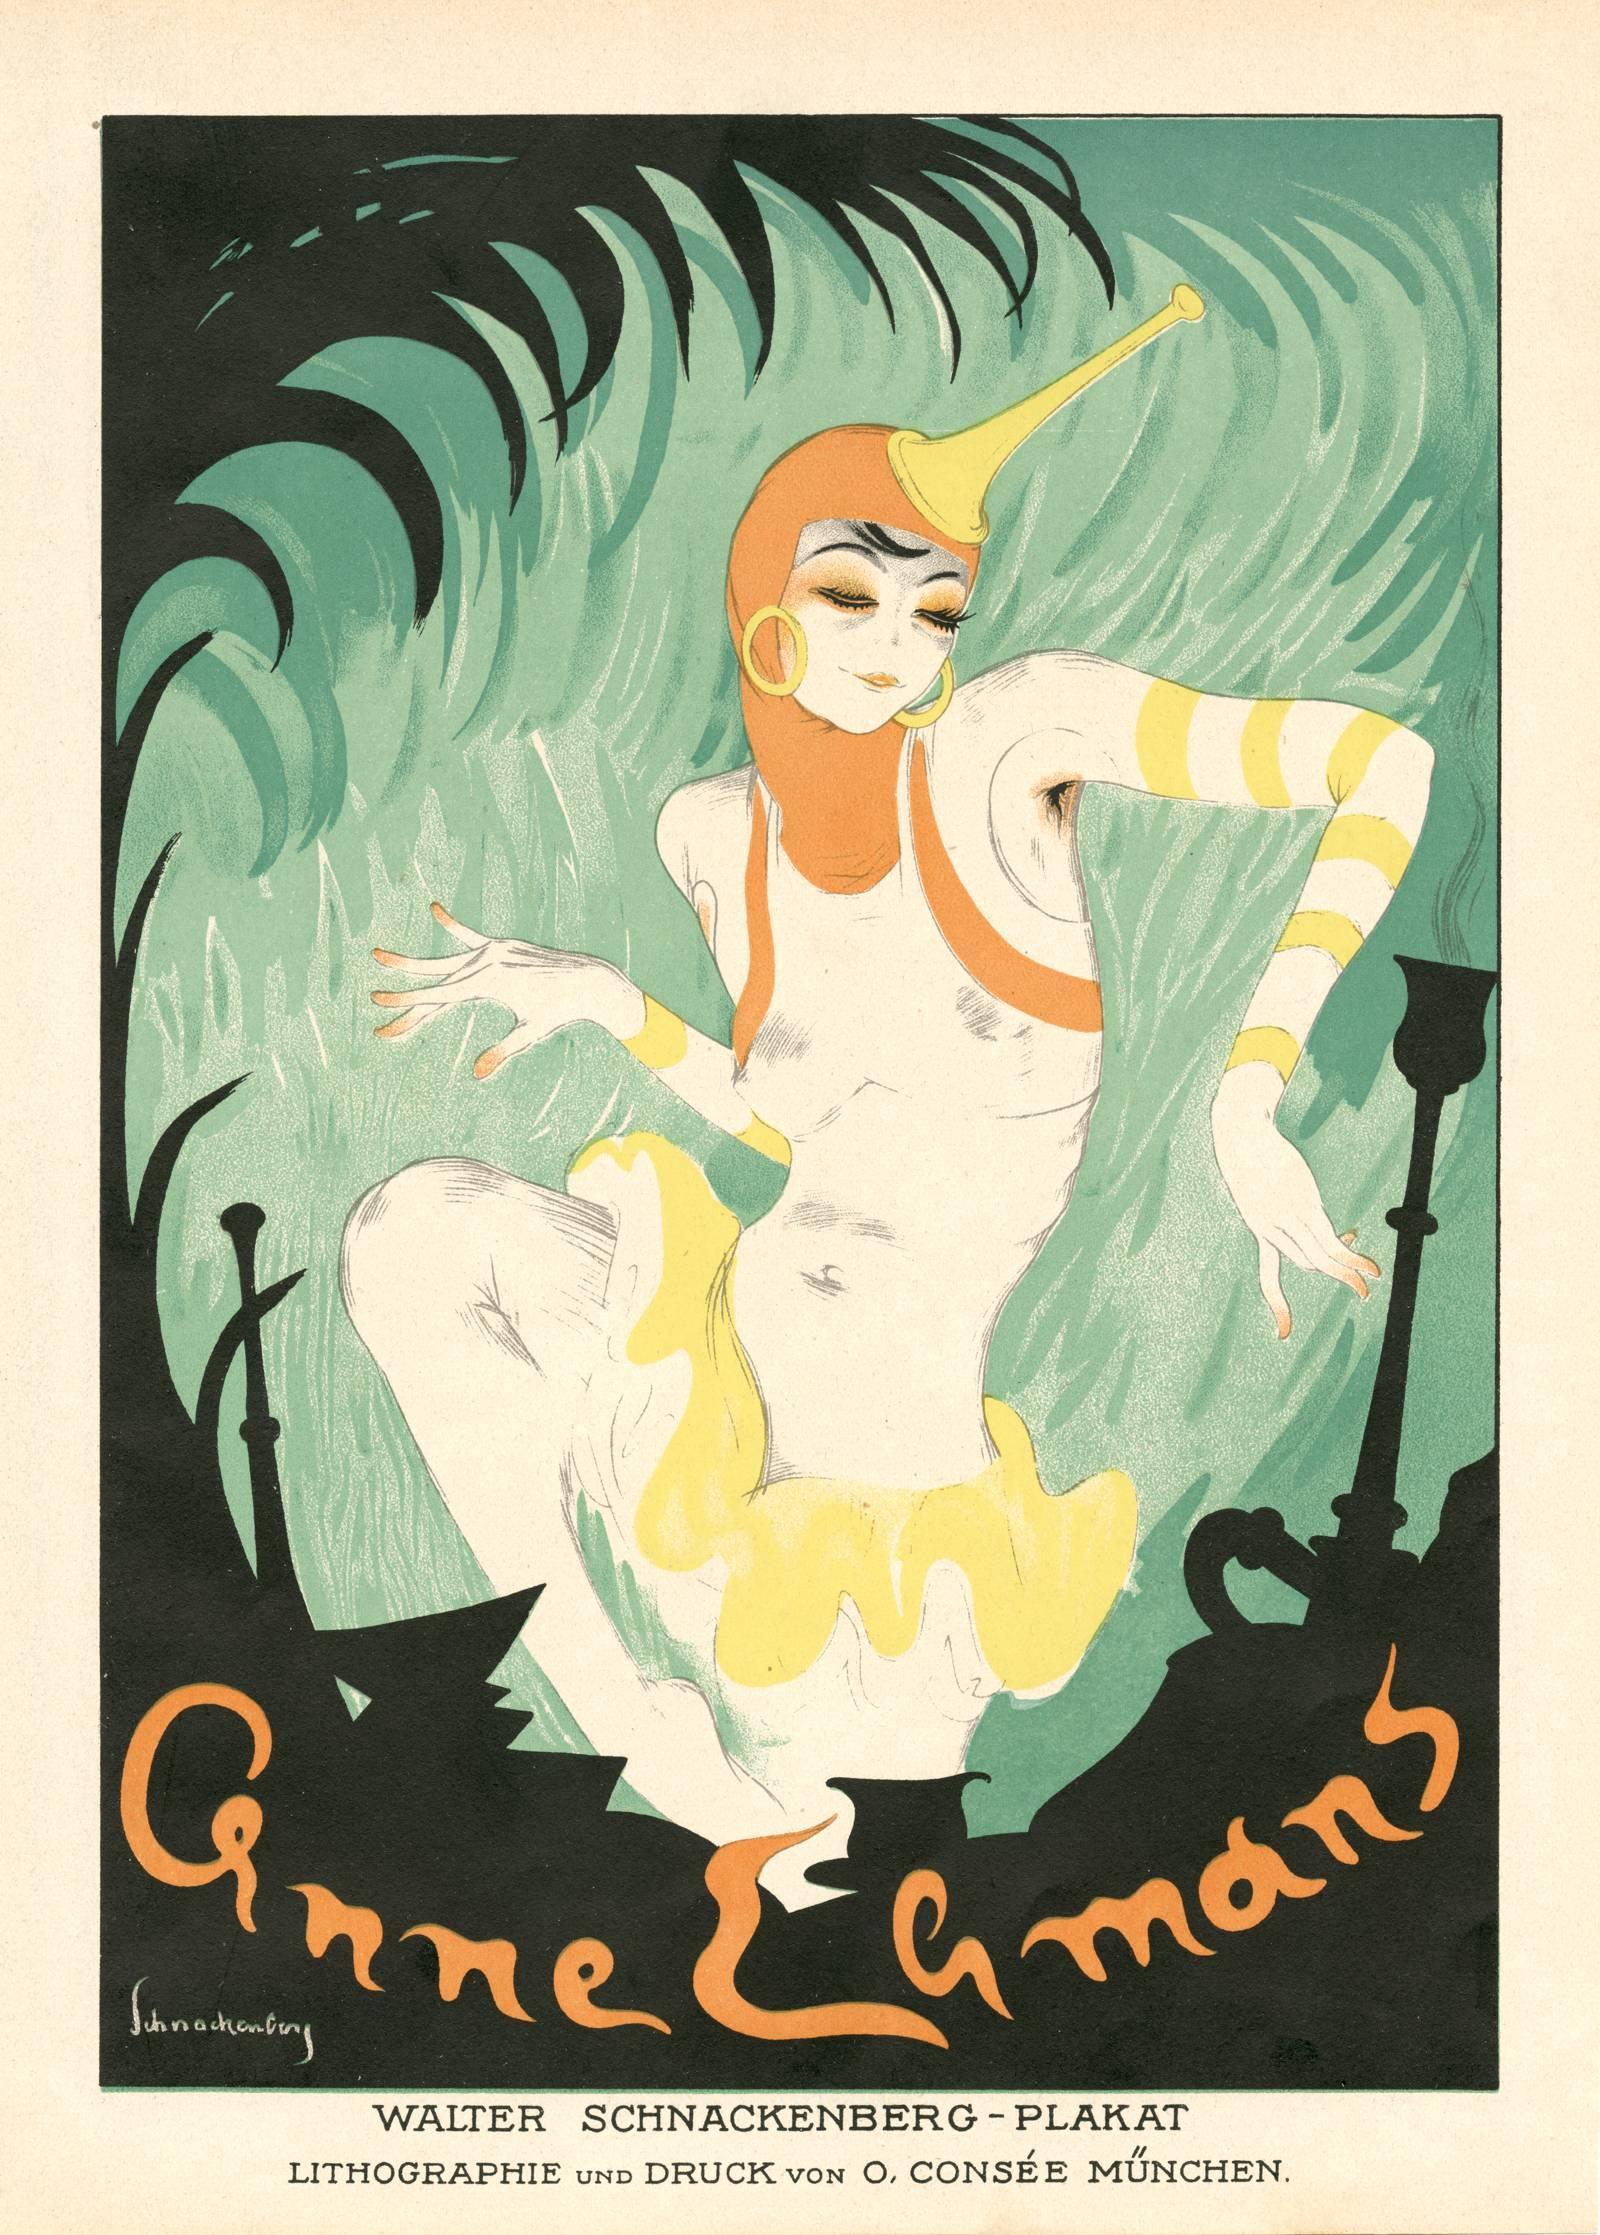 """Kostume, Plakate, und Dekorationen, """"Anne Lemons"""""""